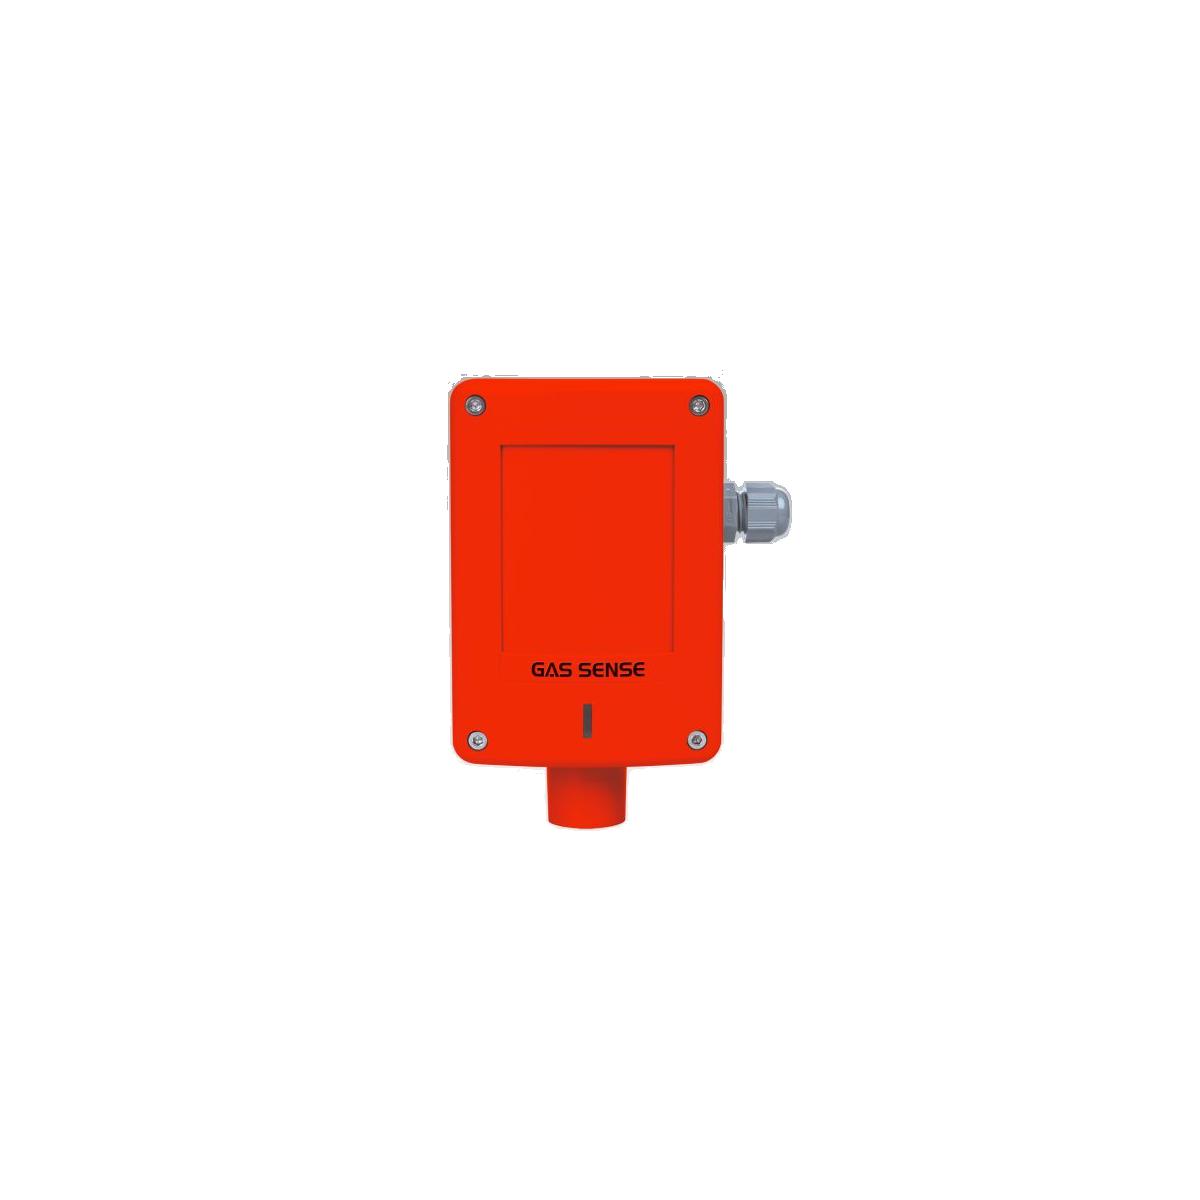 Detetor Gás LPG IP65 GAS SENSE